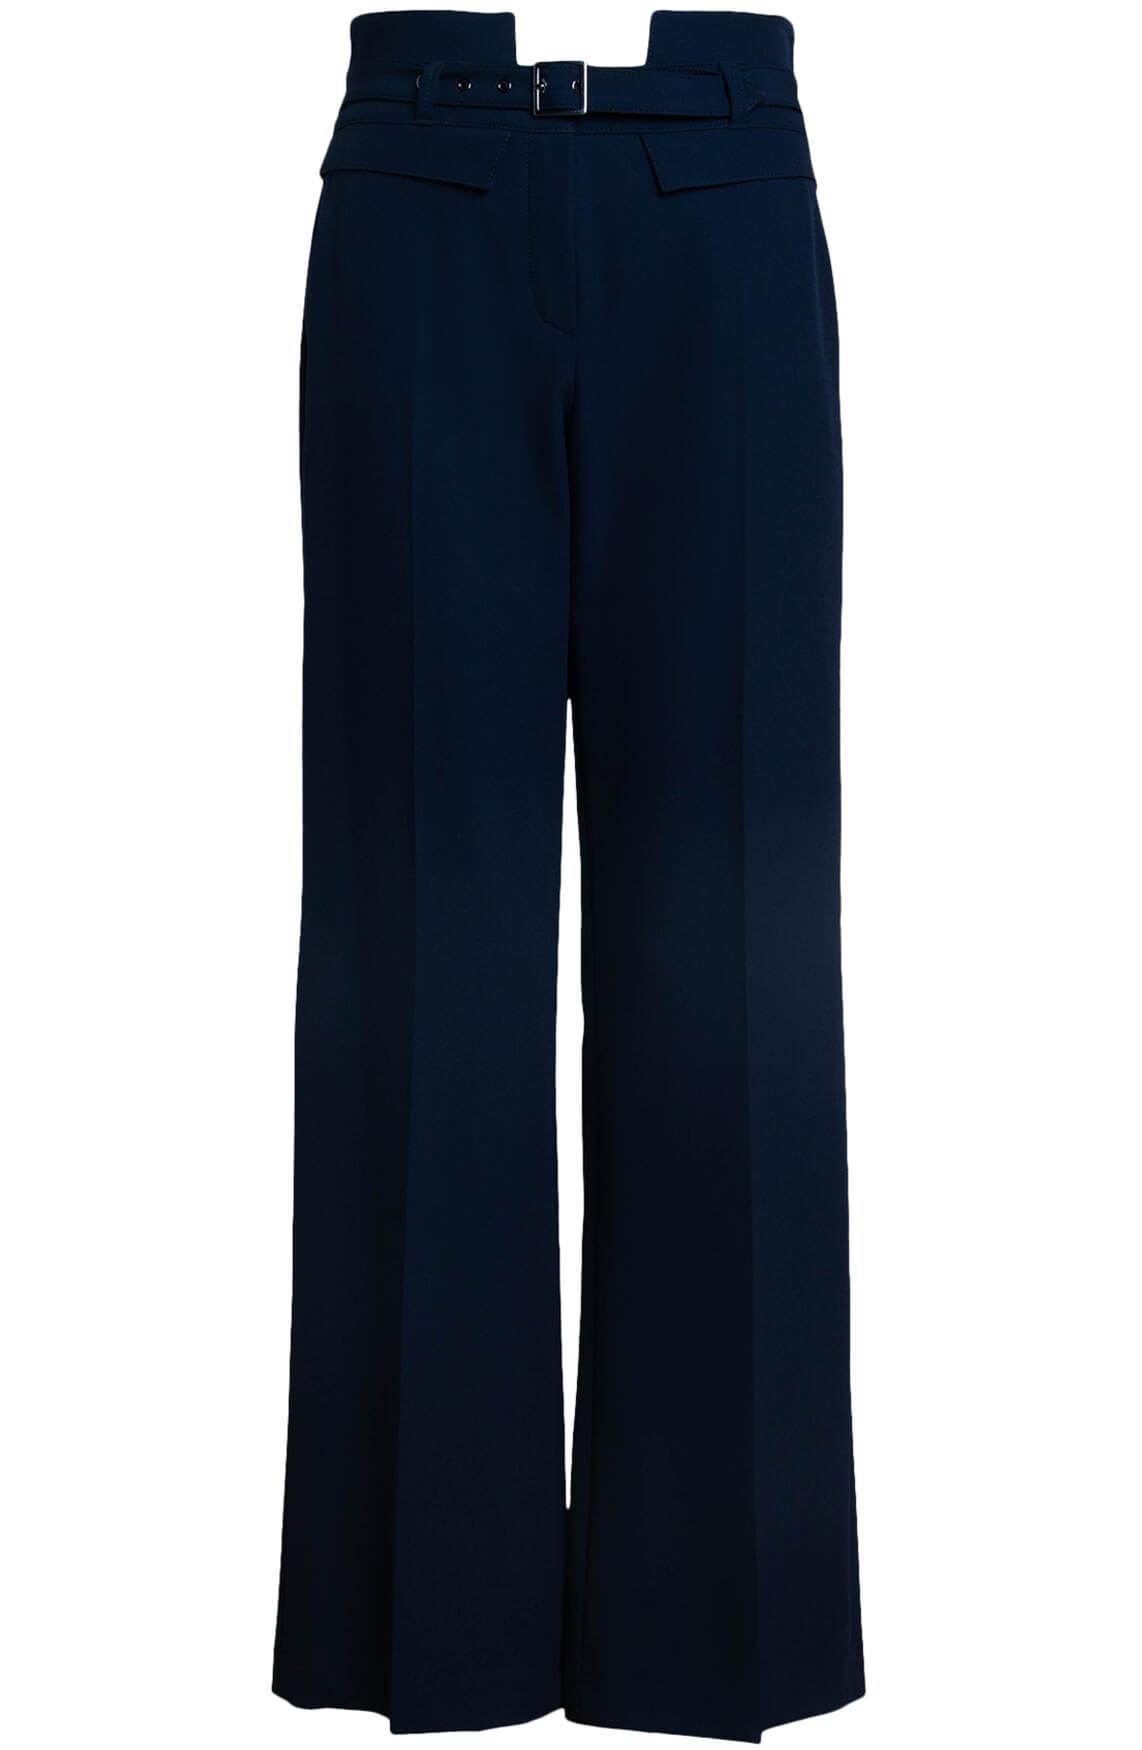 Rosner Dames L32 Mara broek met ceintuur Blauw